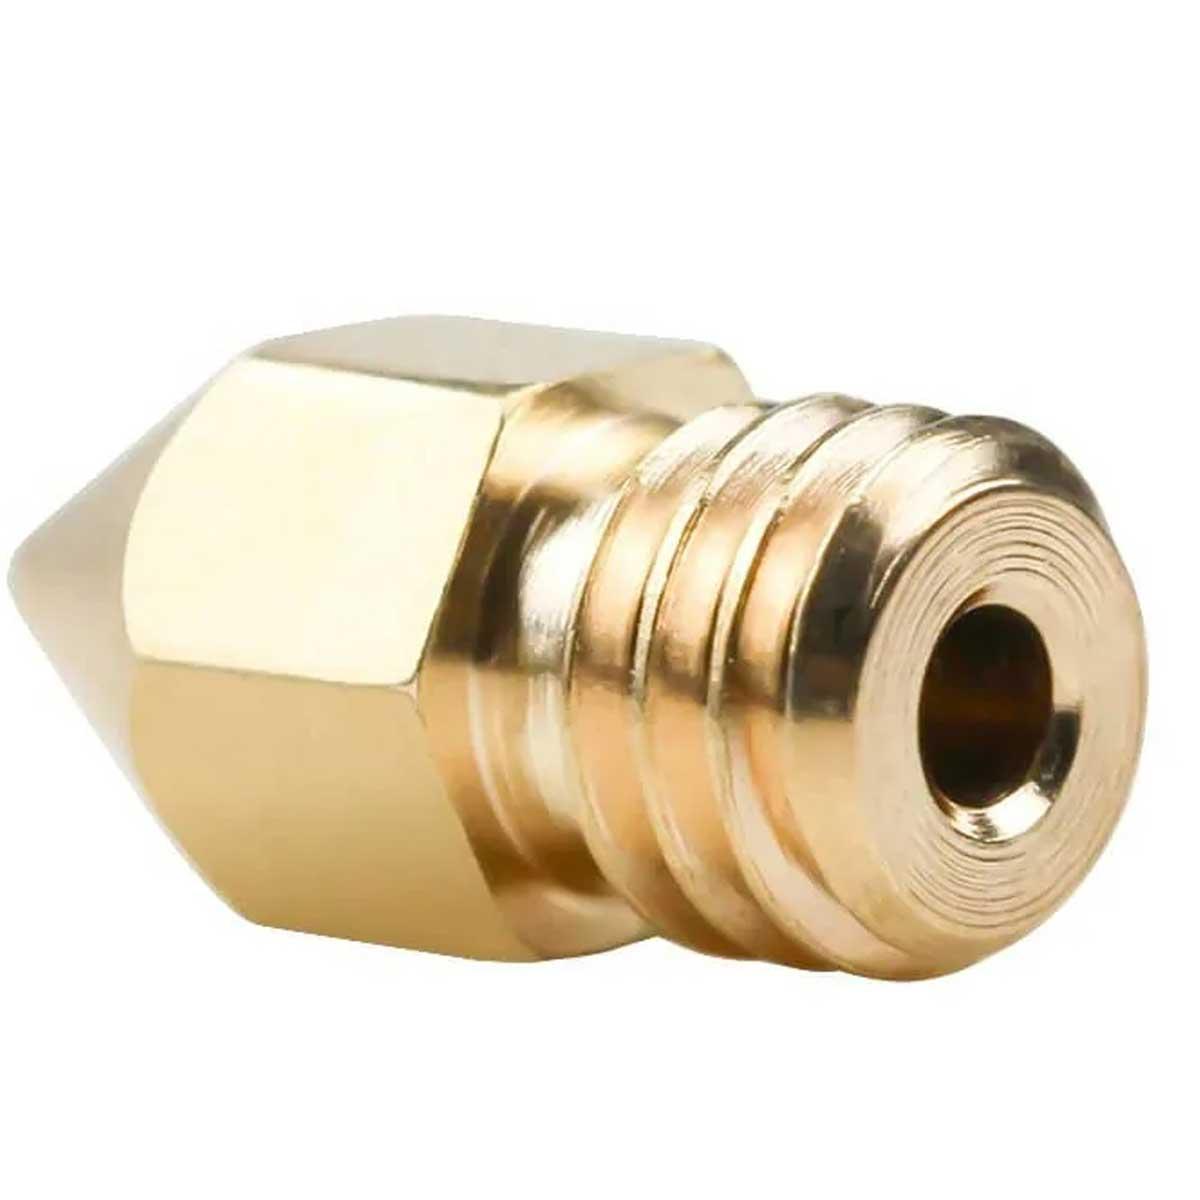 1x Bico / Nozzle 0,4mm Mk8 para Impressora 3D CR10 Ender3 Anet 1,75mm